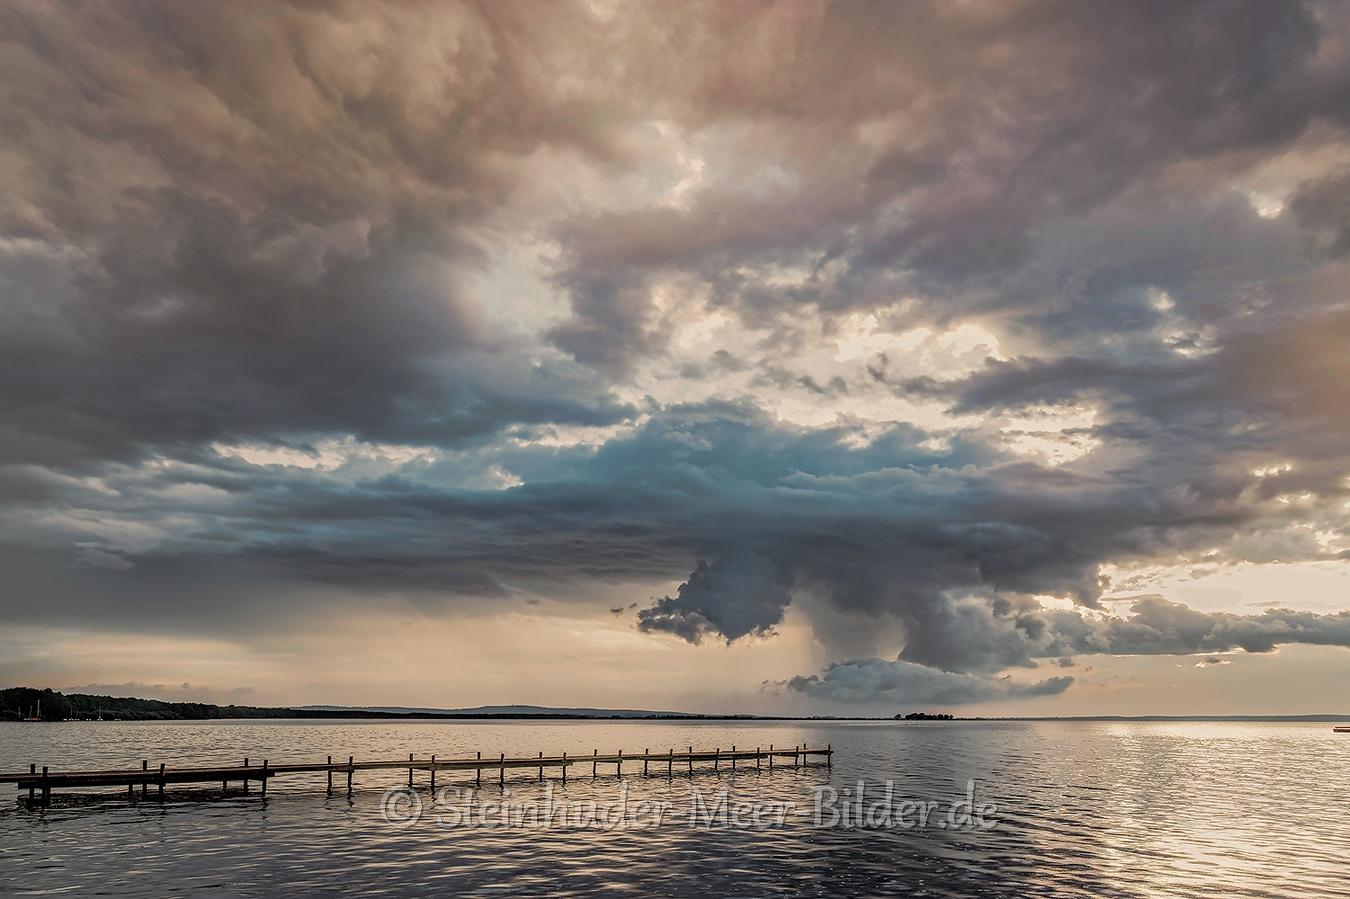 Gewitter-Wolken-Wolkenhimmel-Gewitterwolken-Abendstimmung-Abendlicht-Steinhuder Meer-C_SAM_0716a